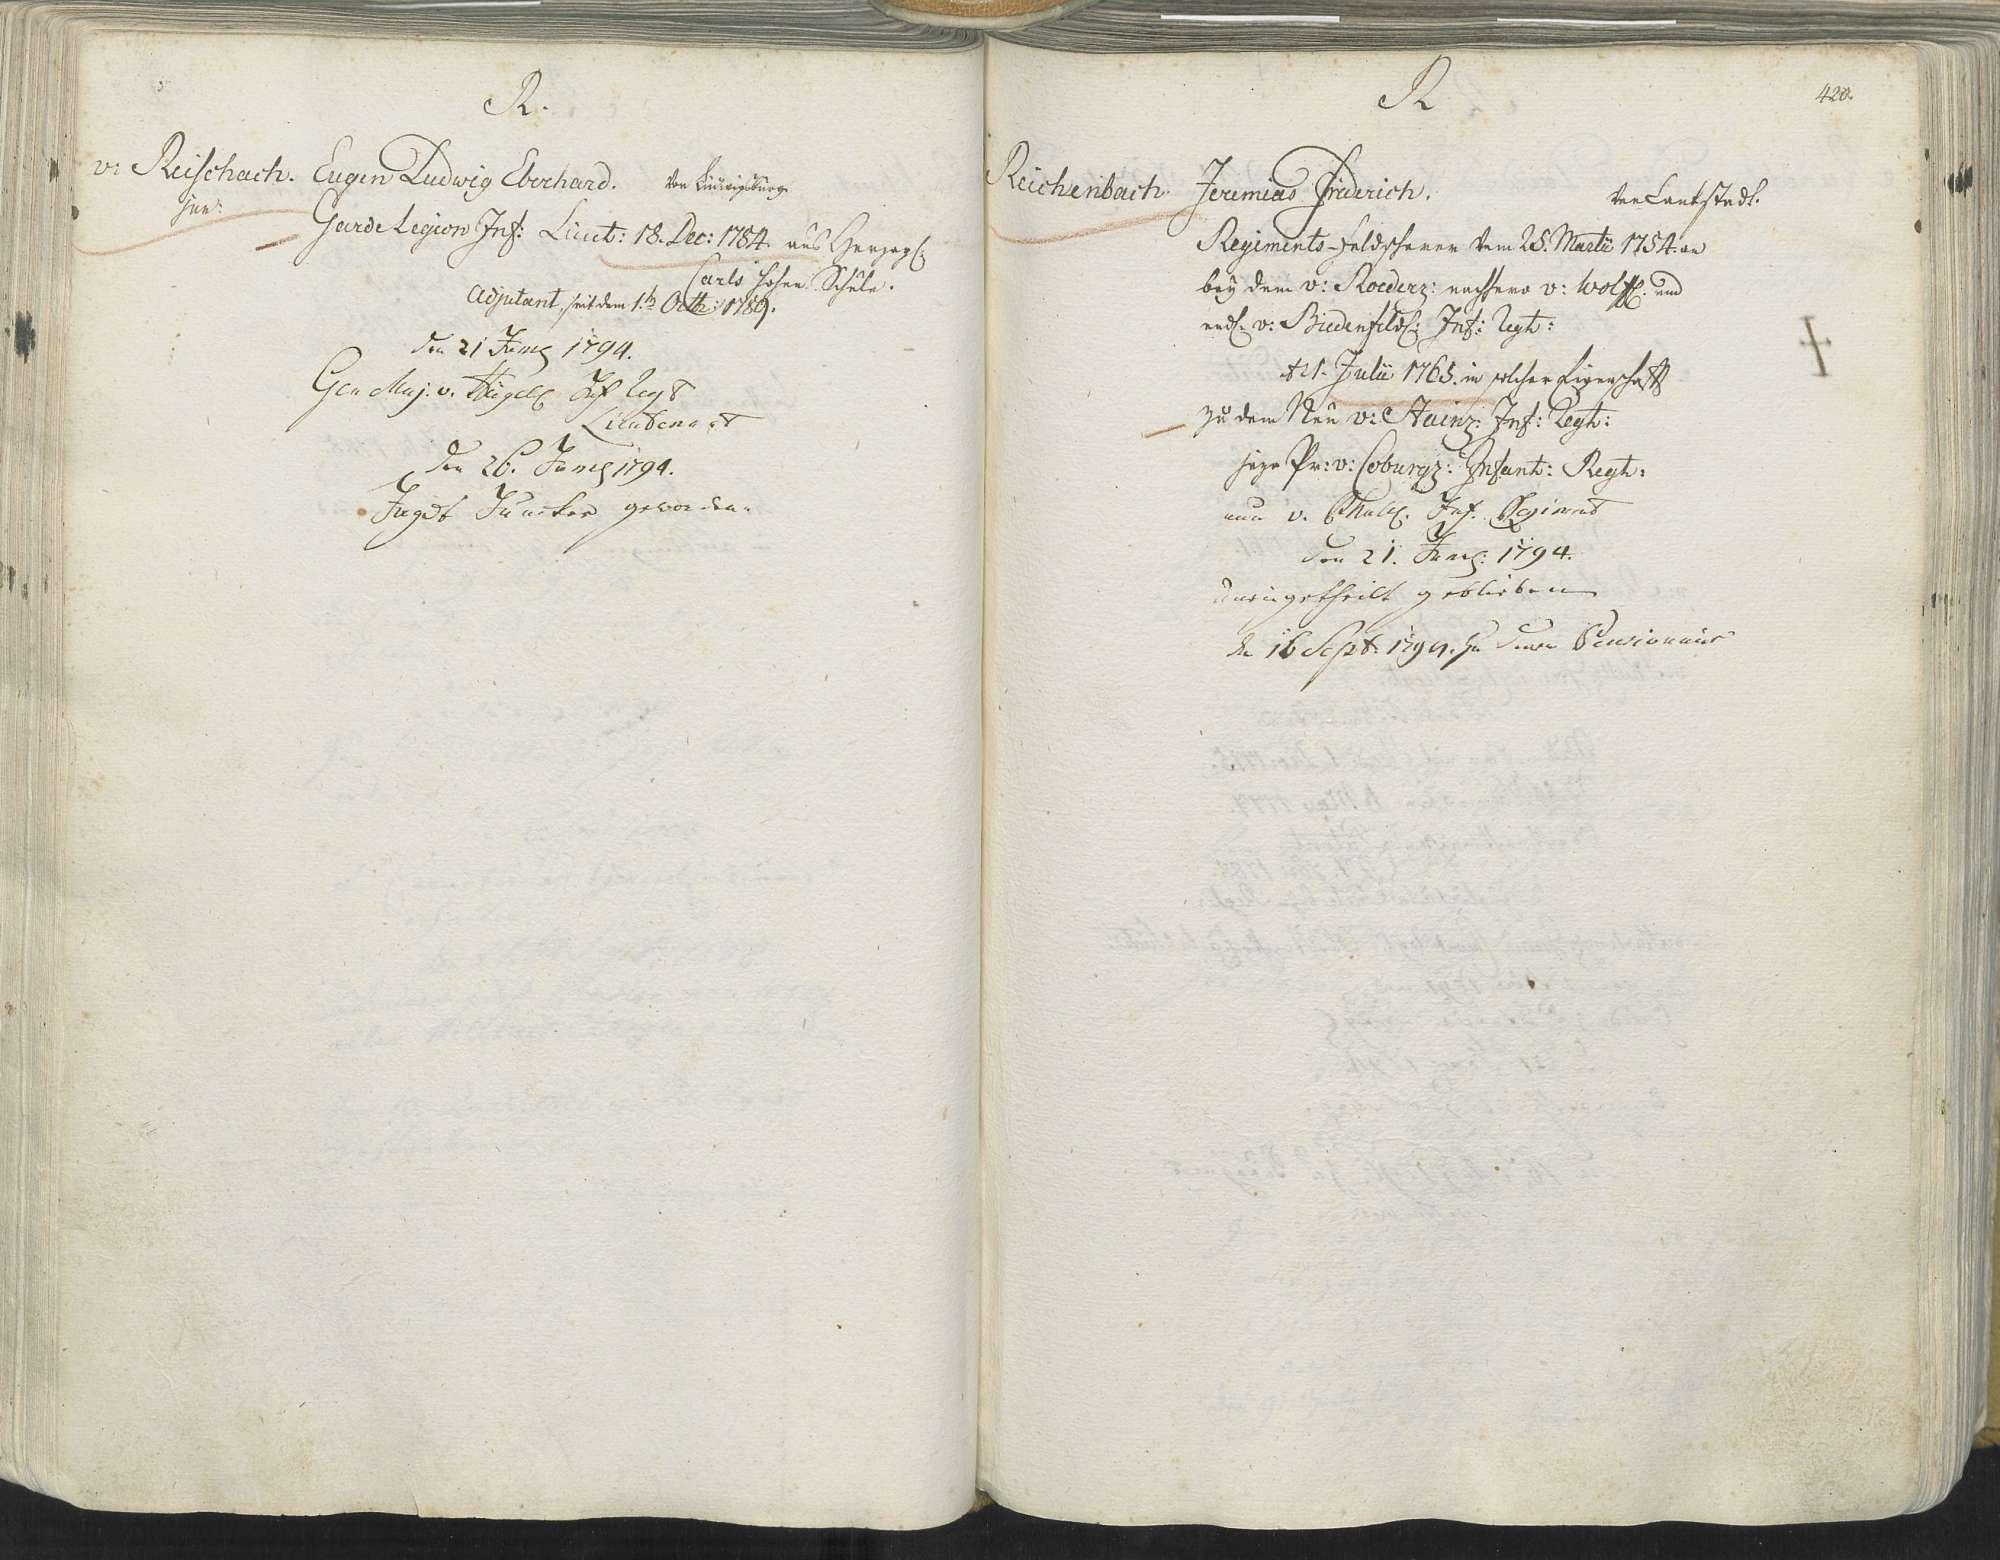 Reichenbach, Jeremias Friedrich, Bild 1